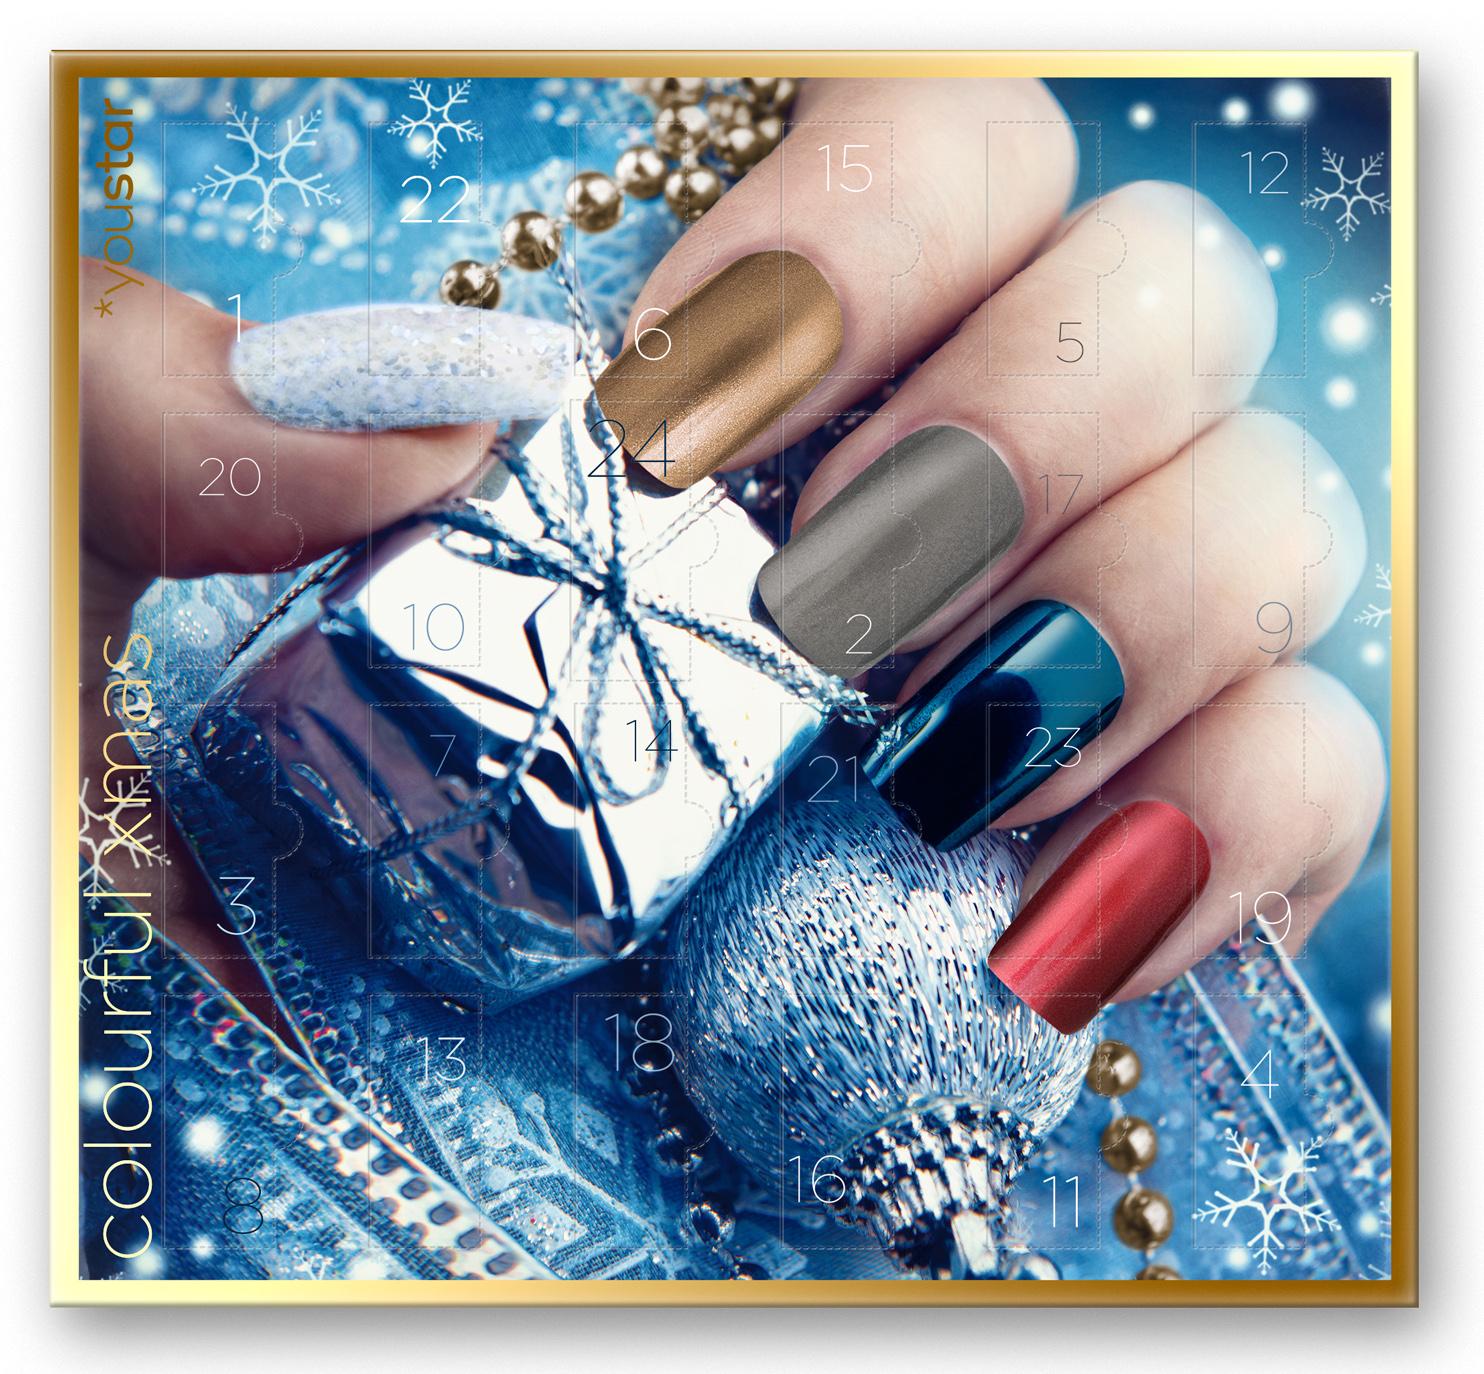 Der neue Nagellack Adventskalender Colourful X-Mas von youstar